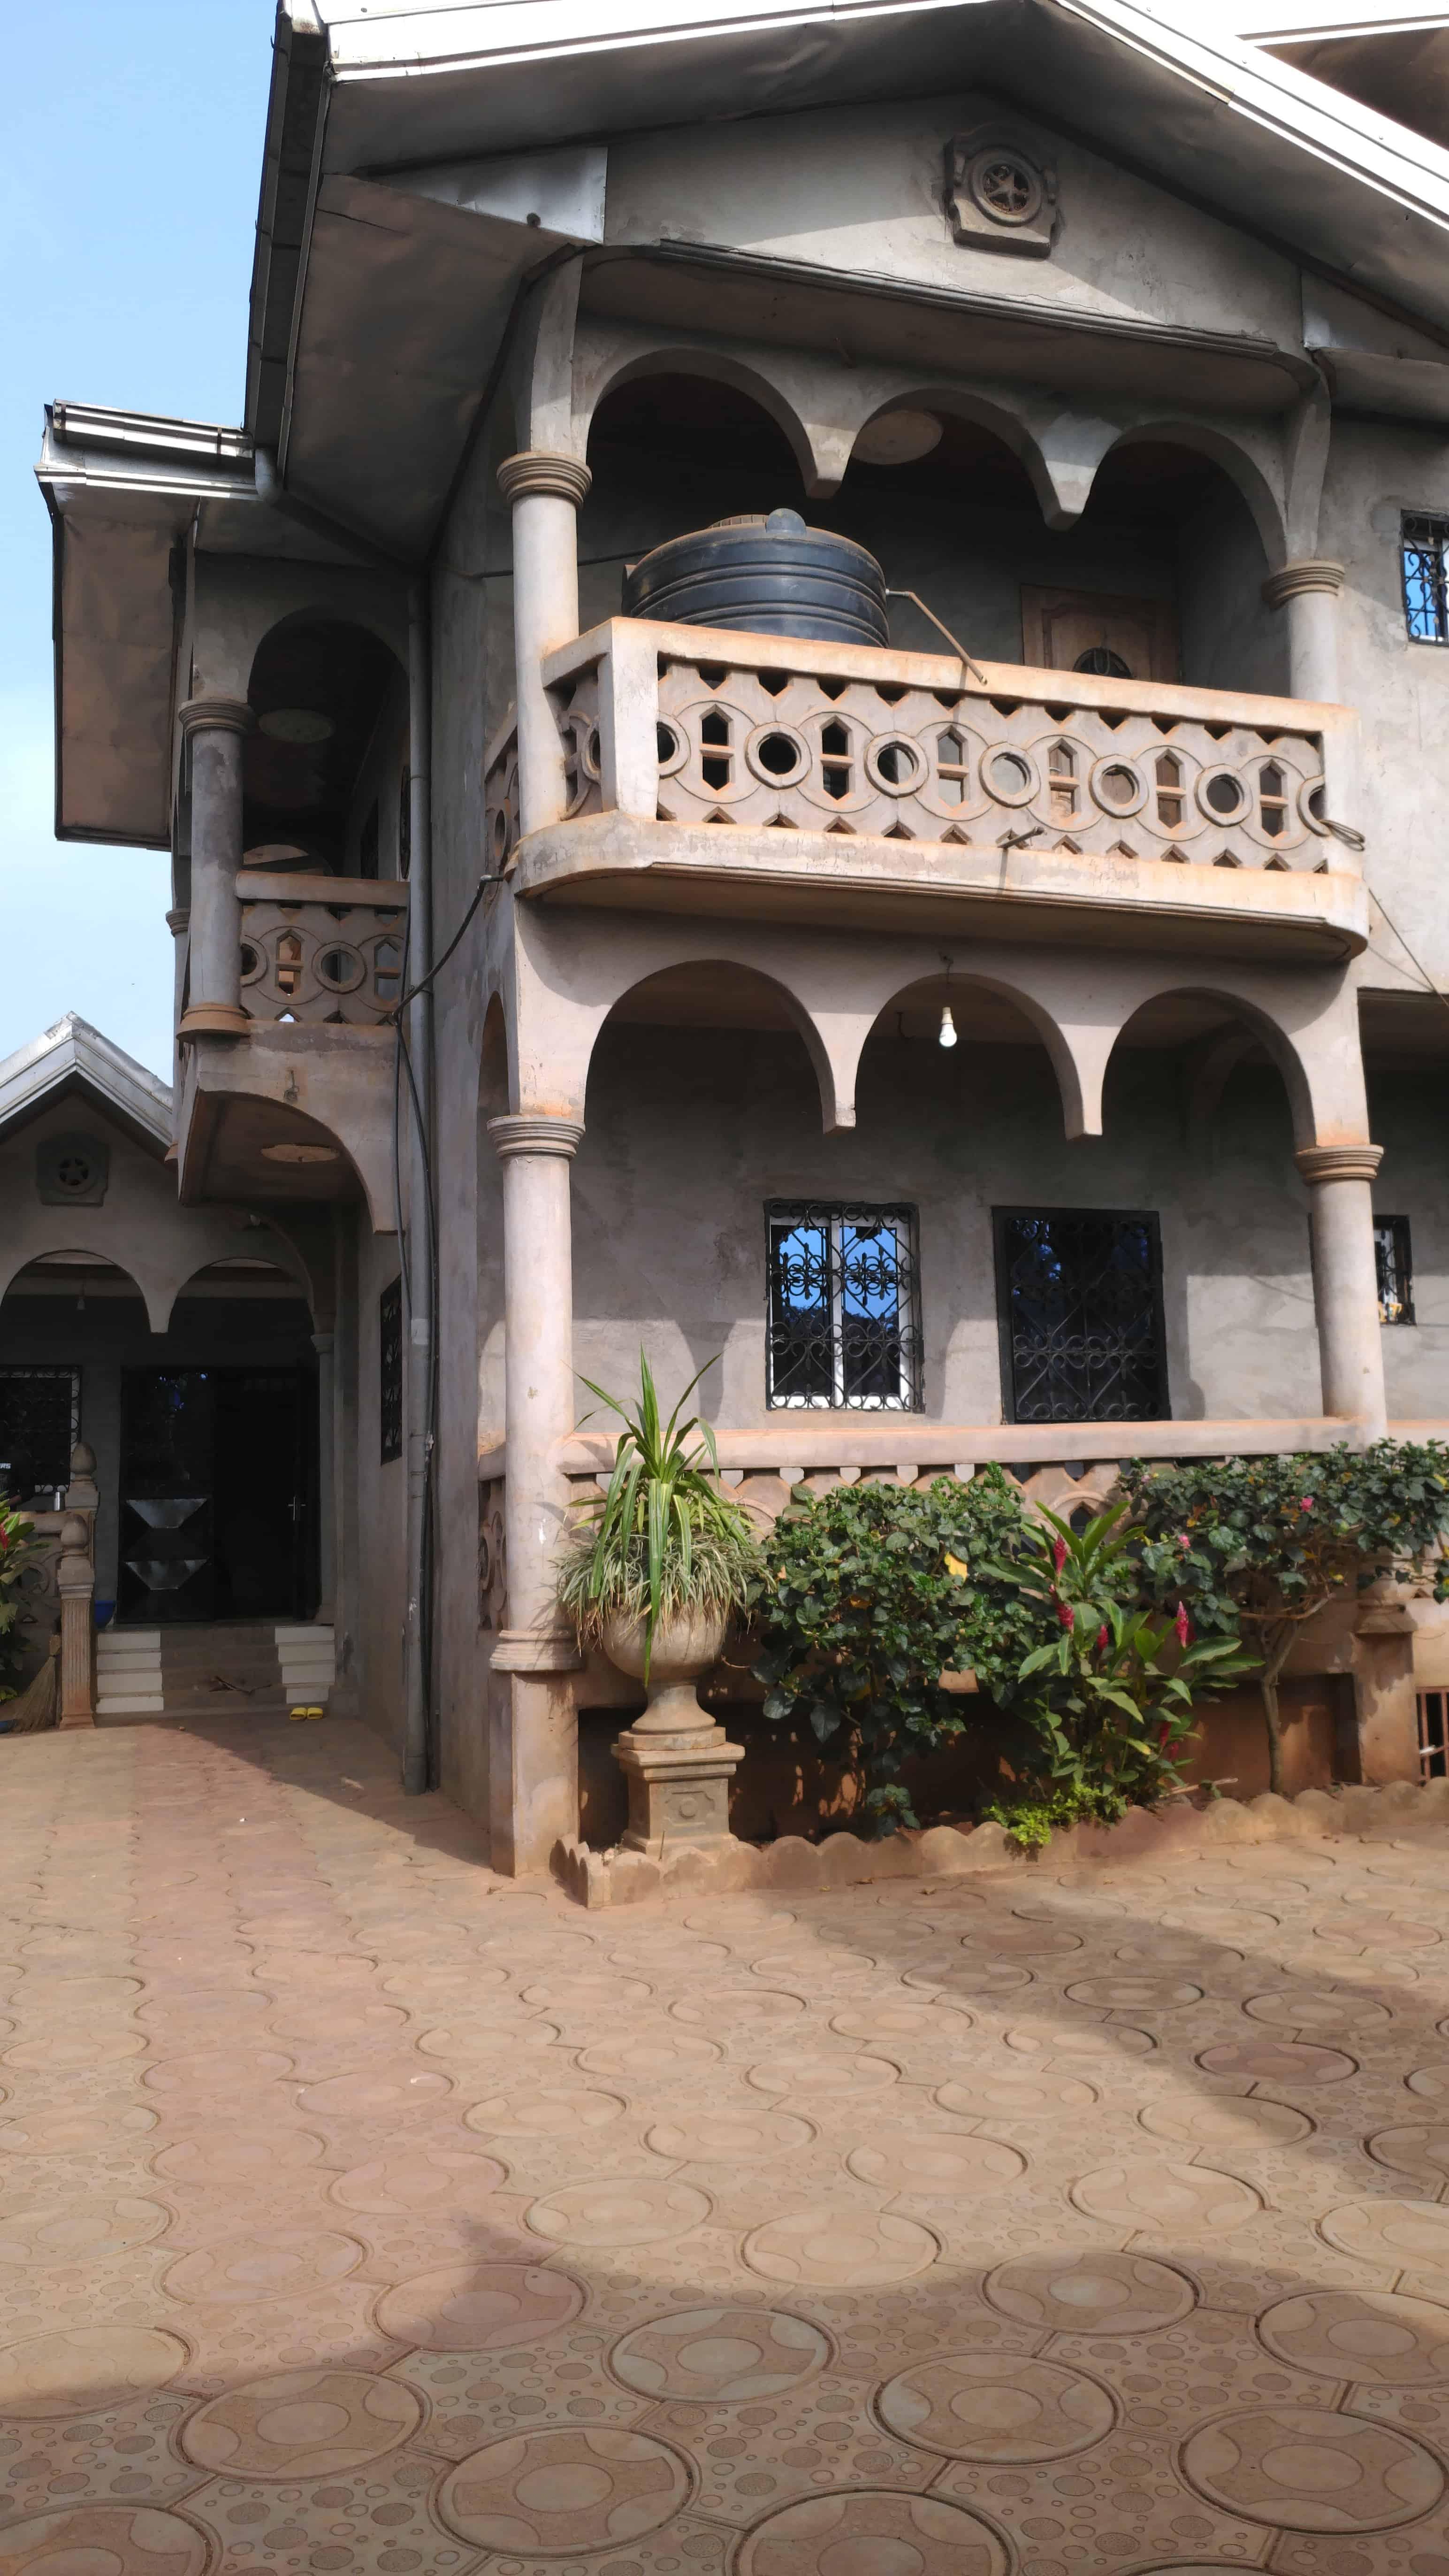 Office to rent at Yaoundé, Olembe, Nkozoa -  m2 - 300 000 FCFA